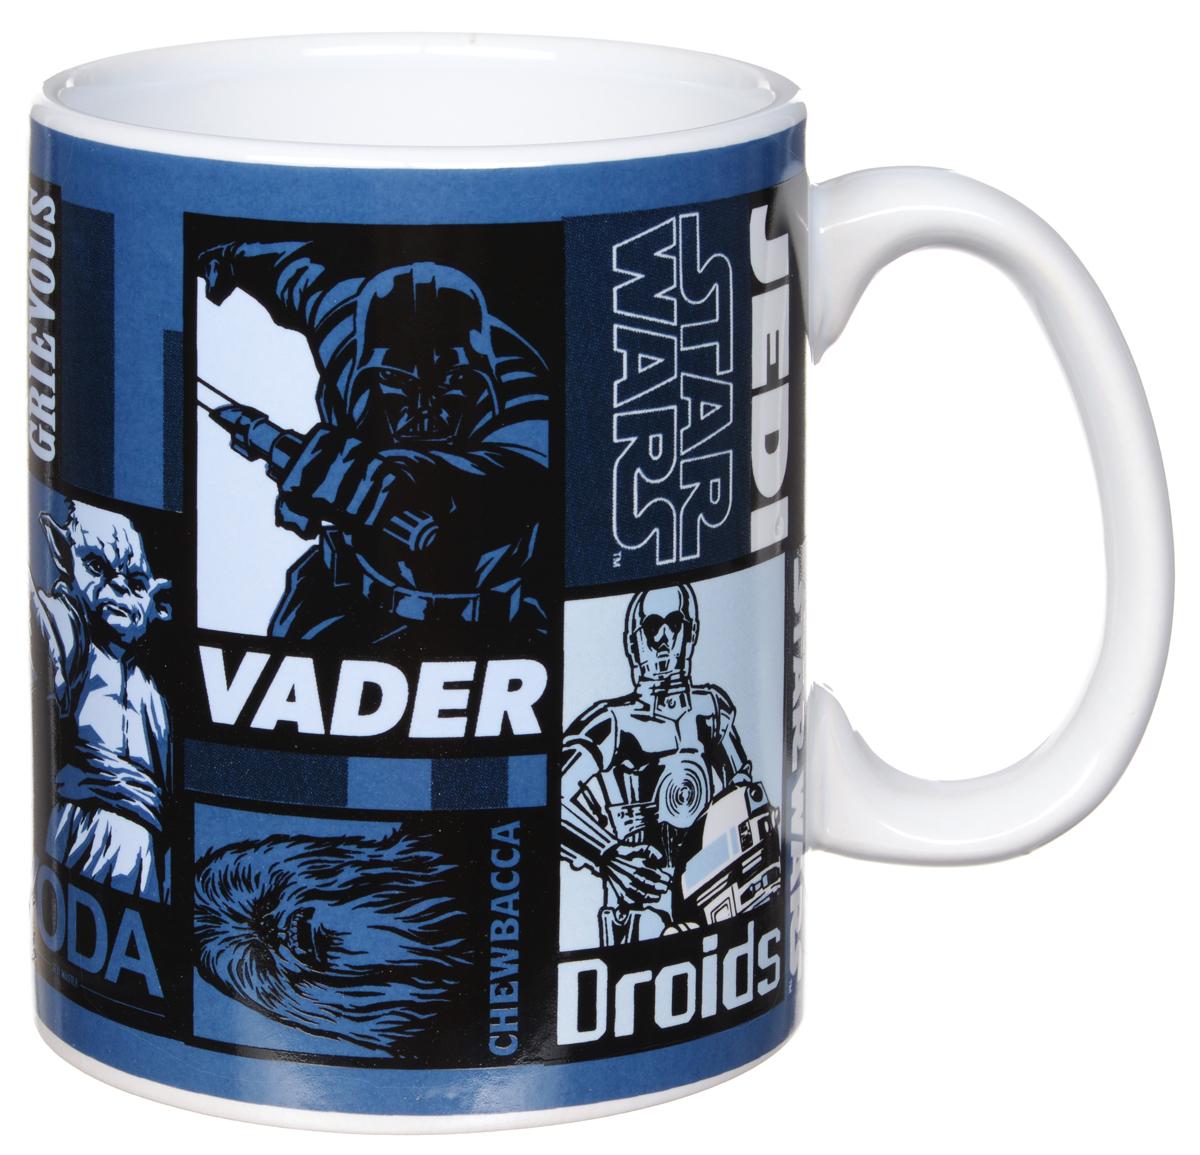 Star Wars Кружка детская 500 мл115510Детская кружка Star Wars станет отличным подарком для любого фаната знаменитой саги. Она выполнена из керамики и оформлена рисунками с изображением различных героев Звездных войн. Большая ручка обеспечит удобство использования.Объем кружки: 500 мл.Подходит для использования в посудомоечной машине и СВЧ-печи.